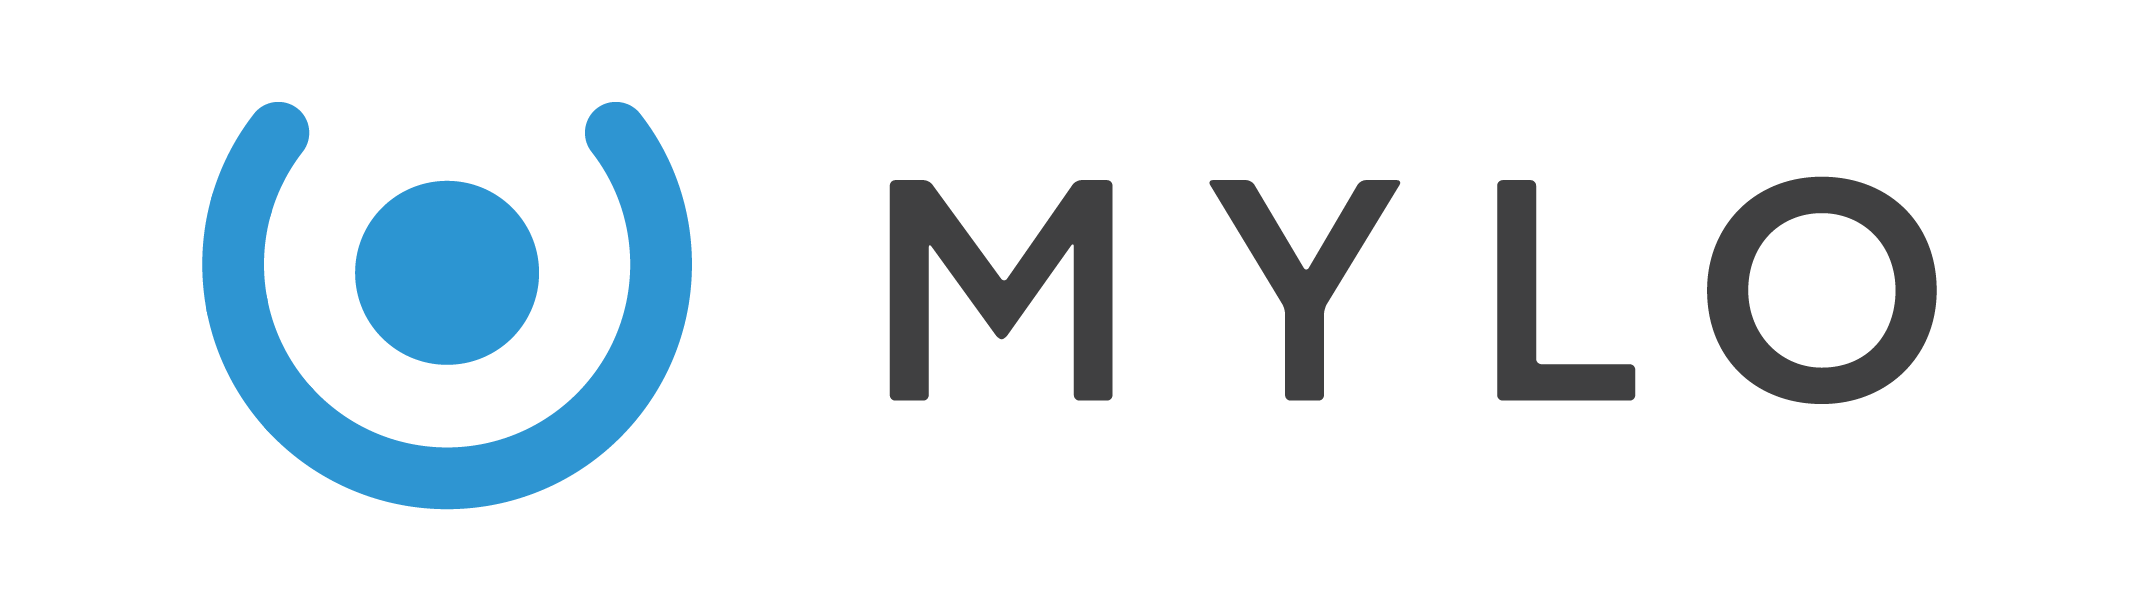 Lending Loop, Mylo, Wave